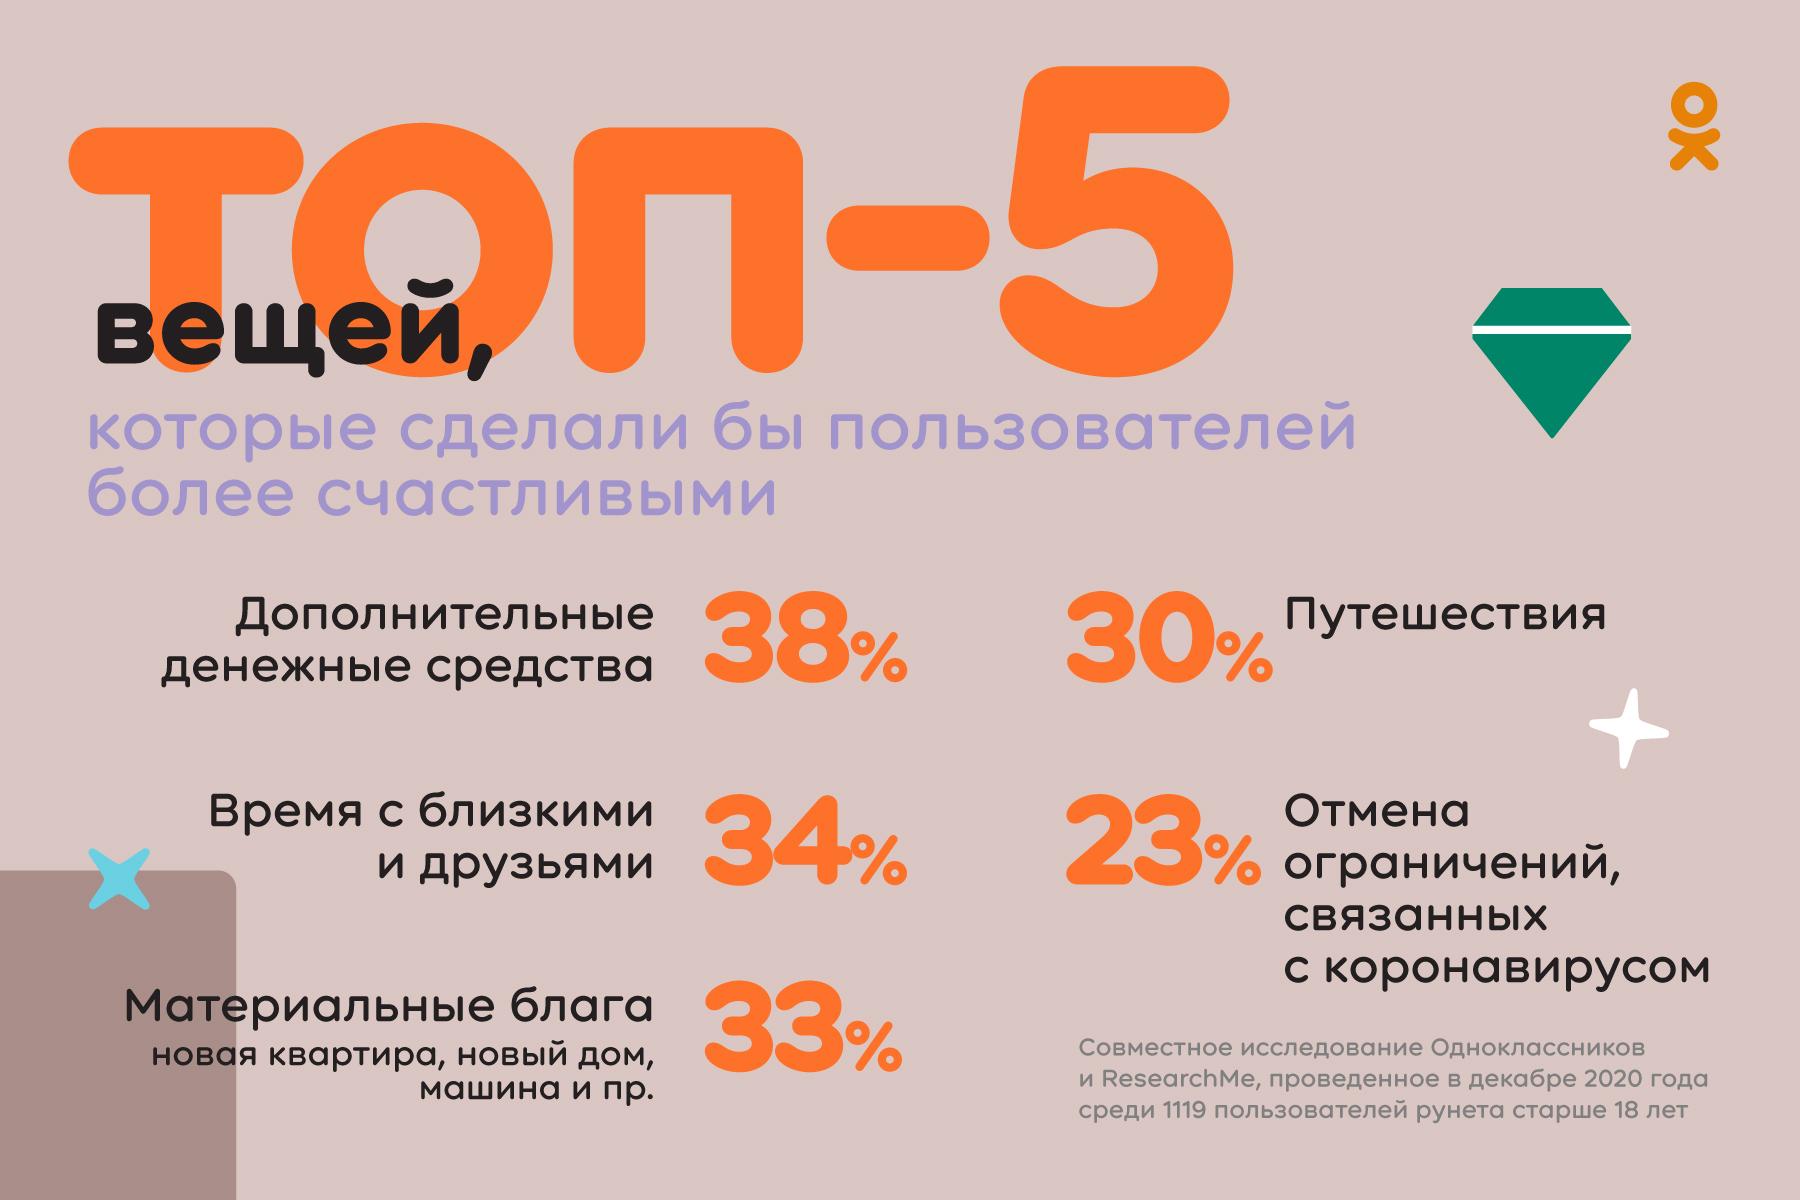 Исследование: 2020 год изменил жизнь почти половины пользователей рунета